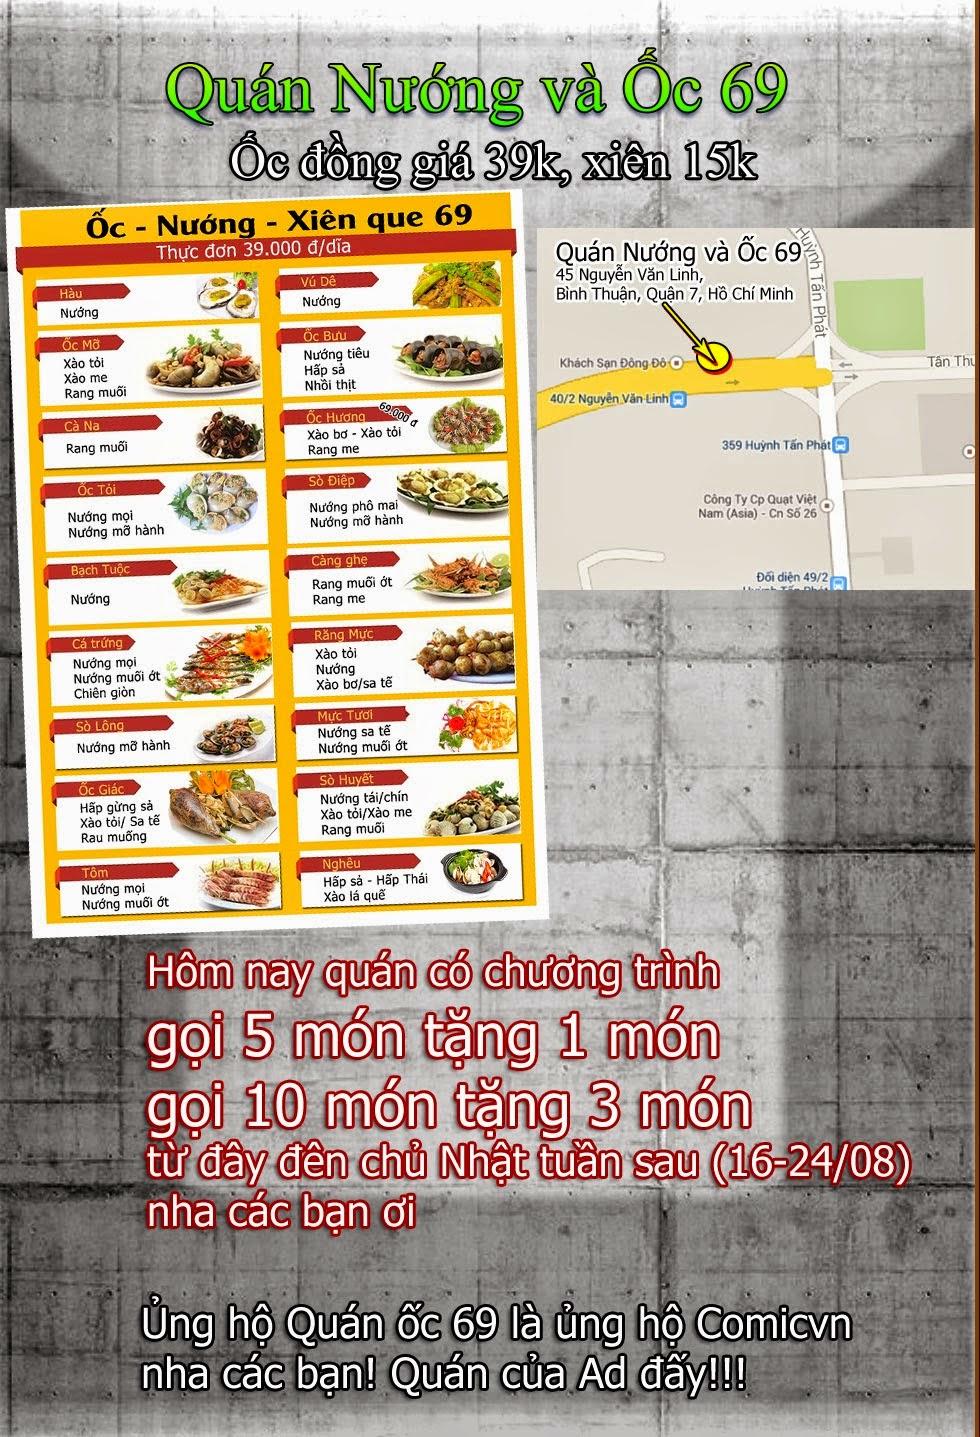 Tân Tác Long Hổ Môn Chap 744 page 32 - Truyentranhaz.net